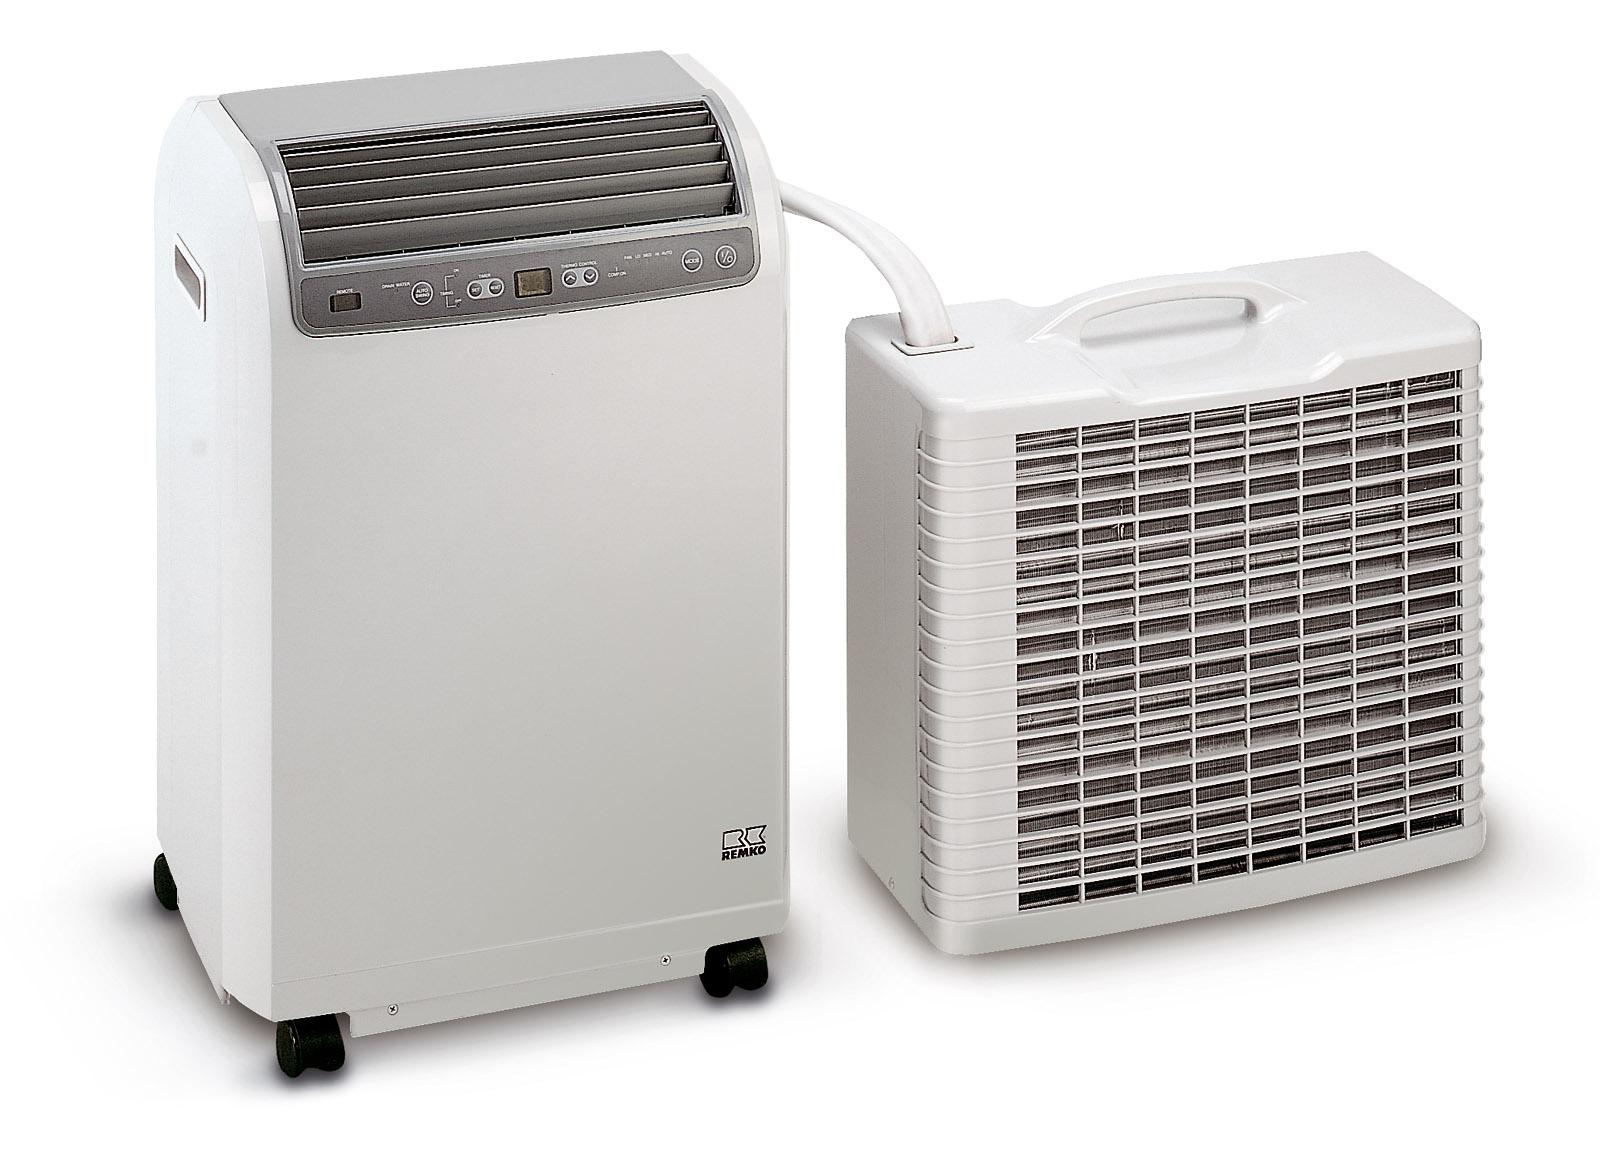 Mobilní klimatizace REMKO RKL491DC bílá + Prodloužená záruka 3 roky + ZDARMA SERVIS bez starostí